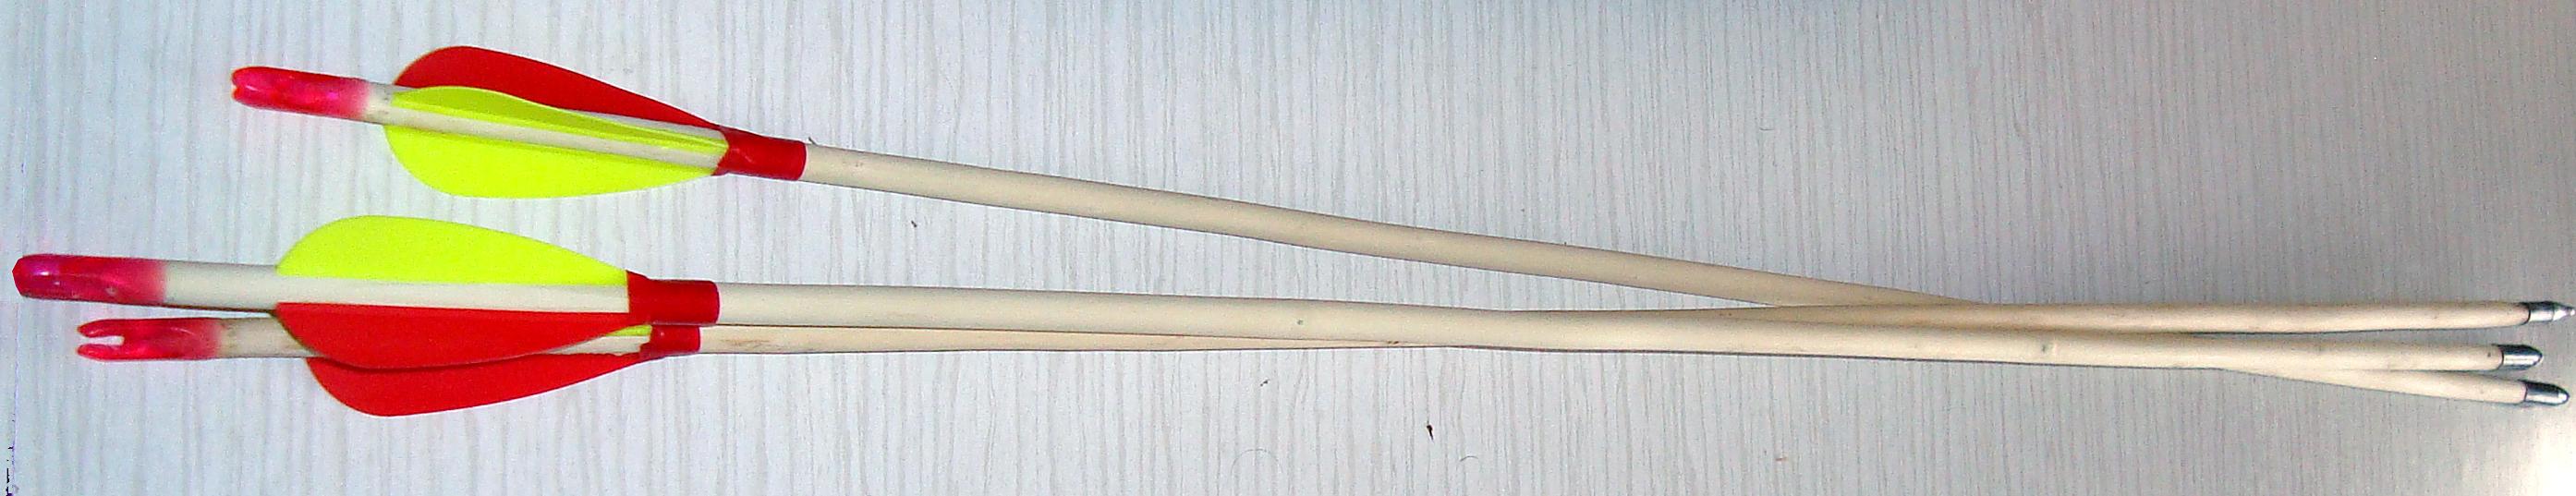 дървени стрели за лък